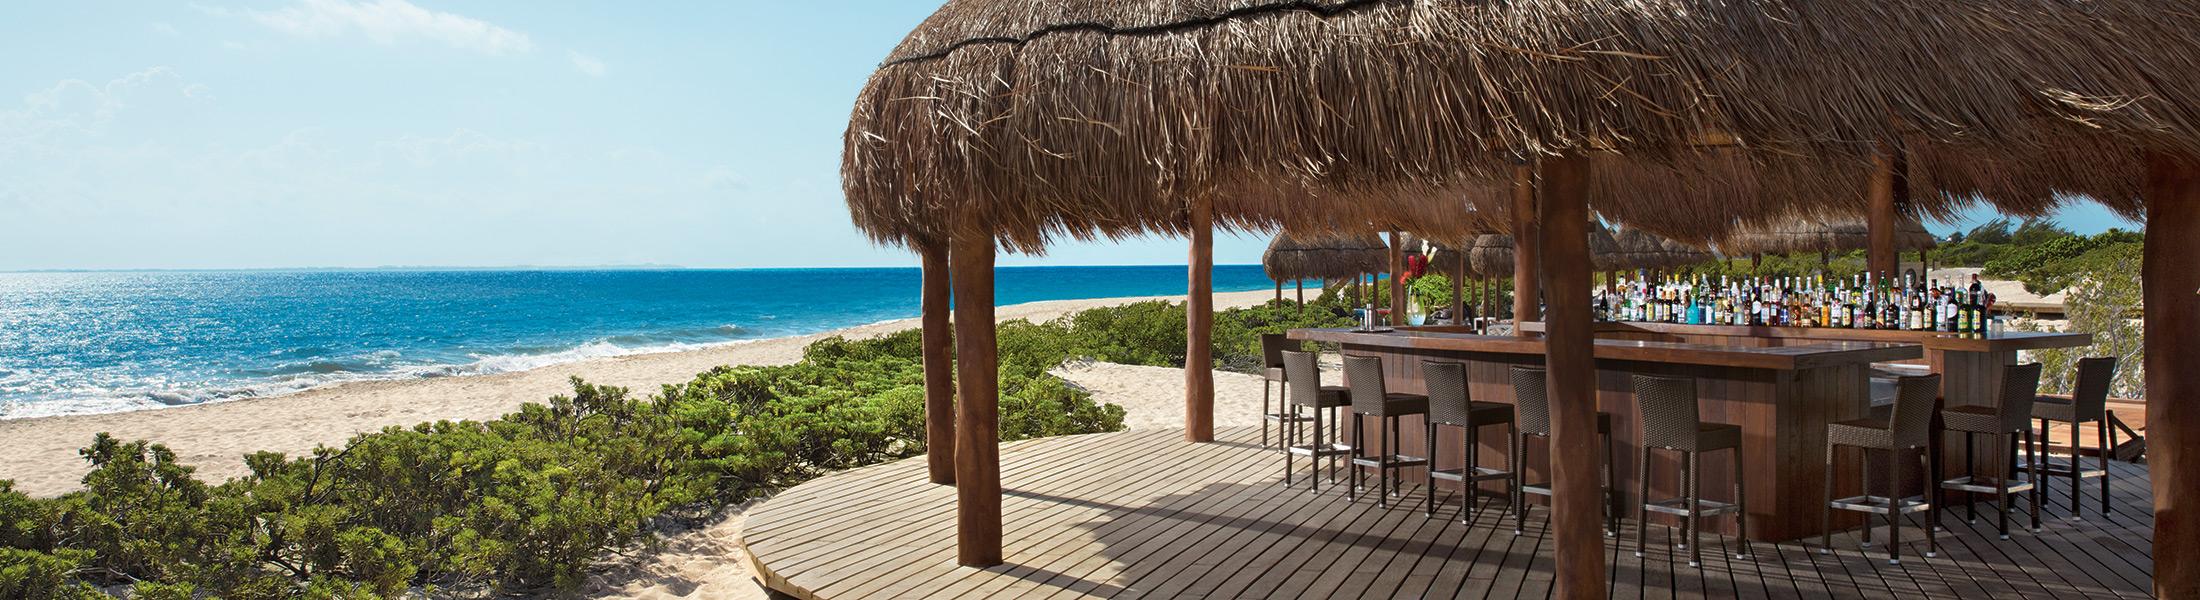 Beach Bar at Dreams Playa Mujeres